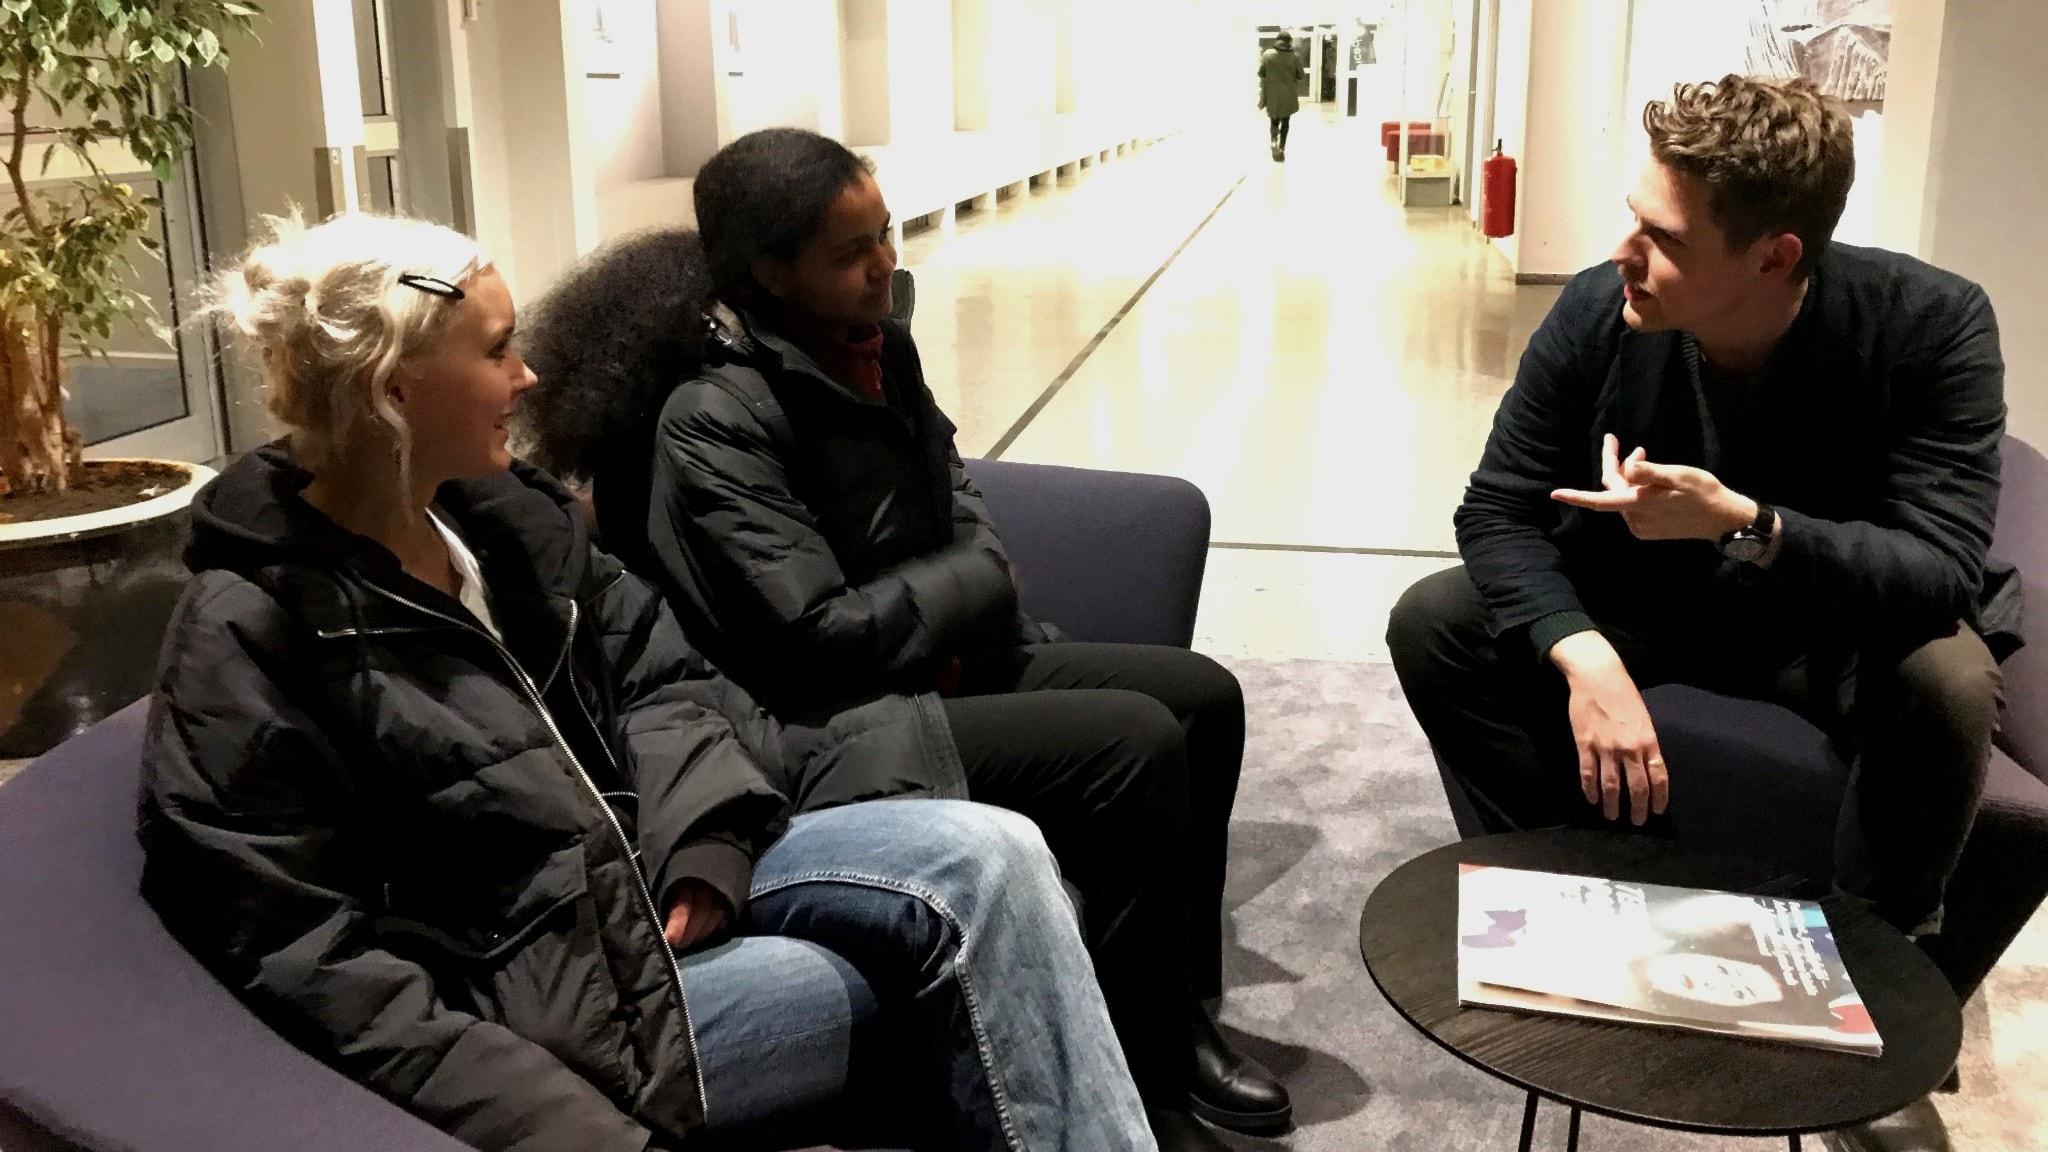 Unga filosofer tar sig an en klassisk fråga: Relationen mellan tro och vetande